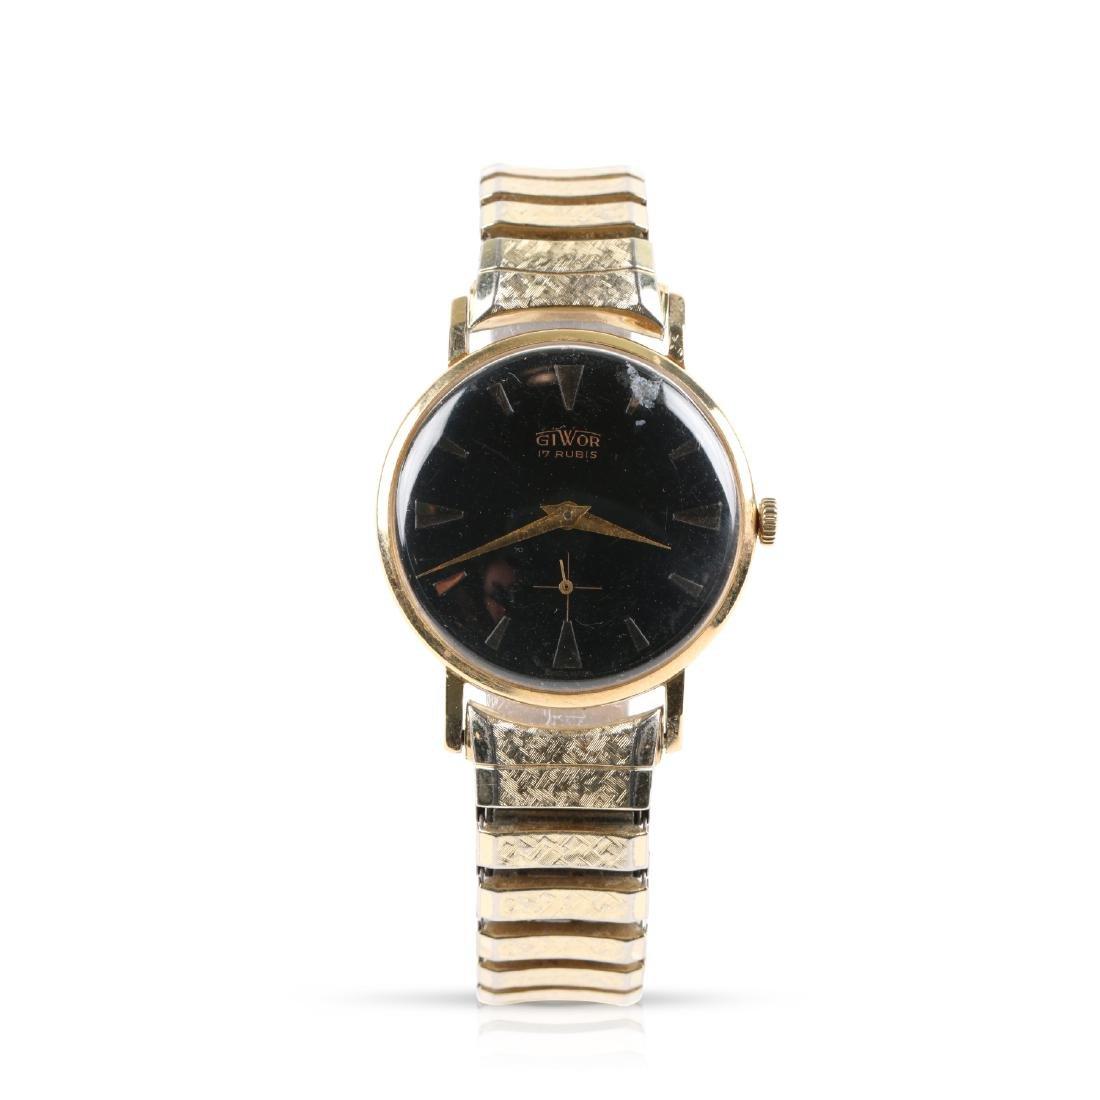 Swiss, 18K Giwor Wristwatch